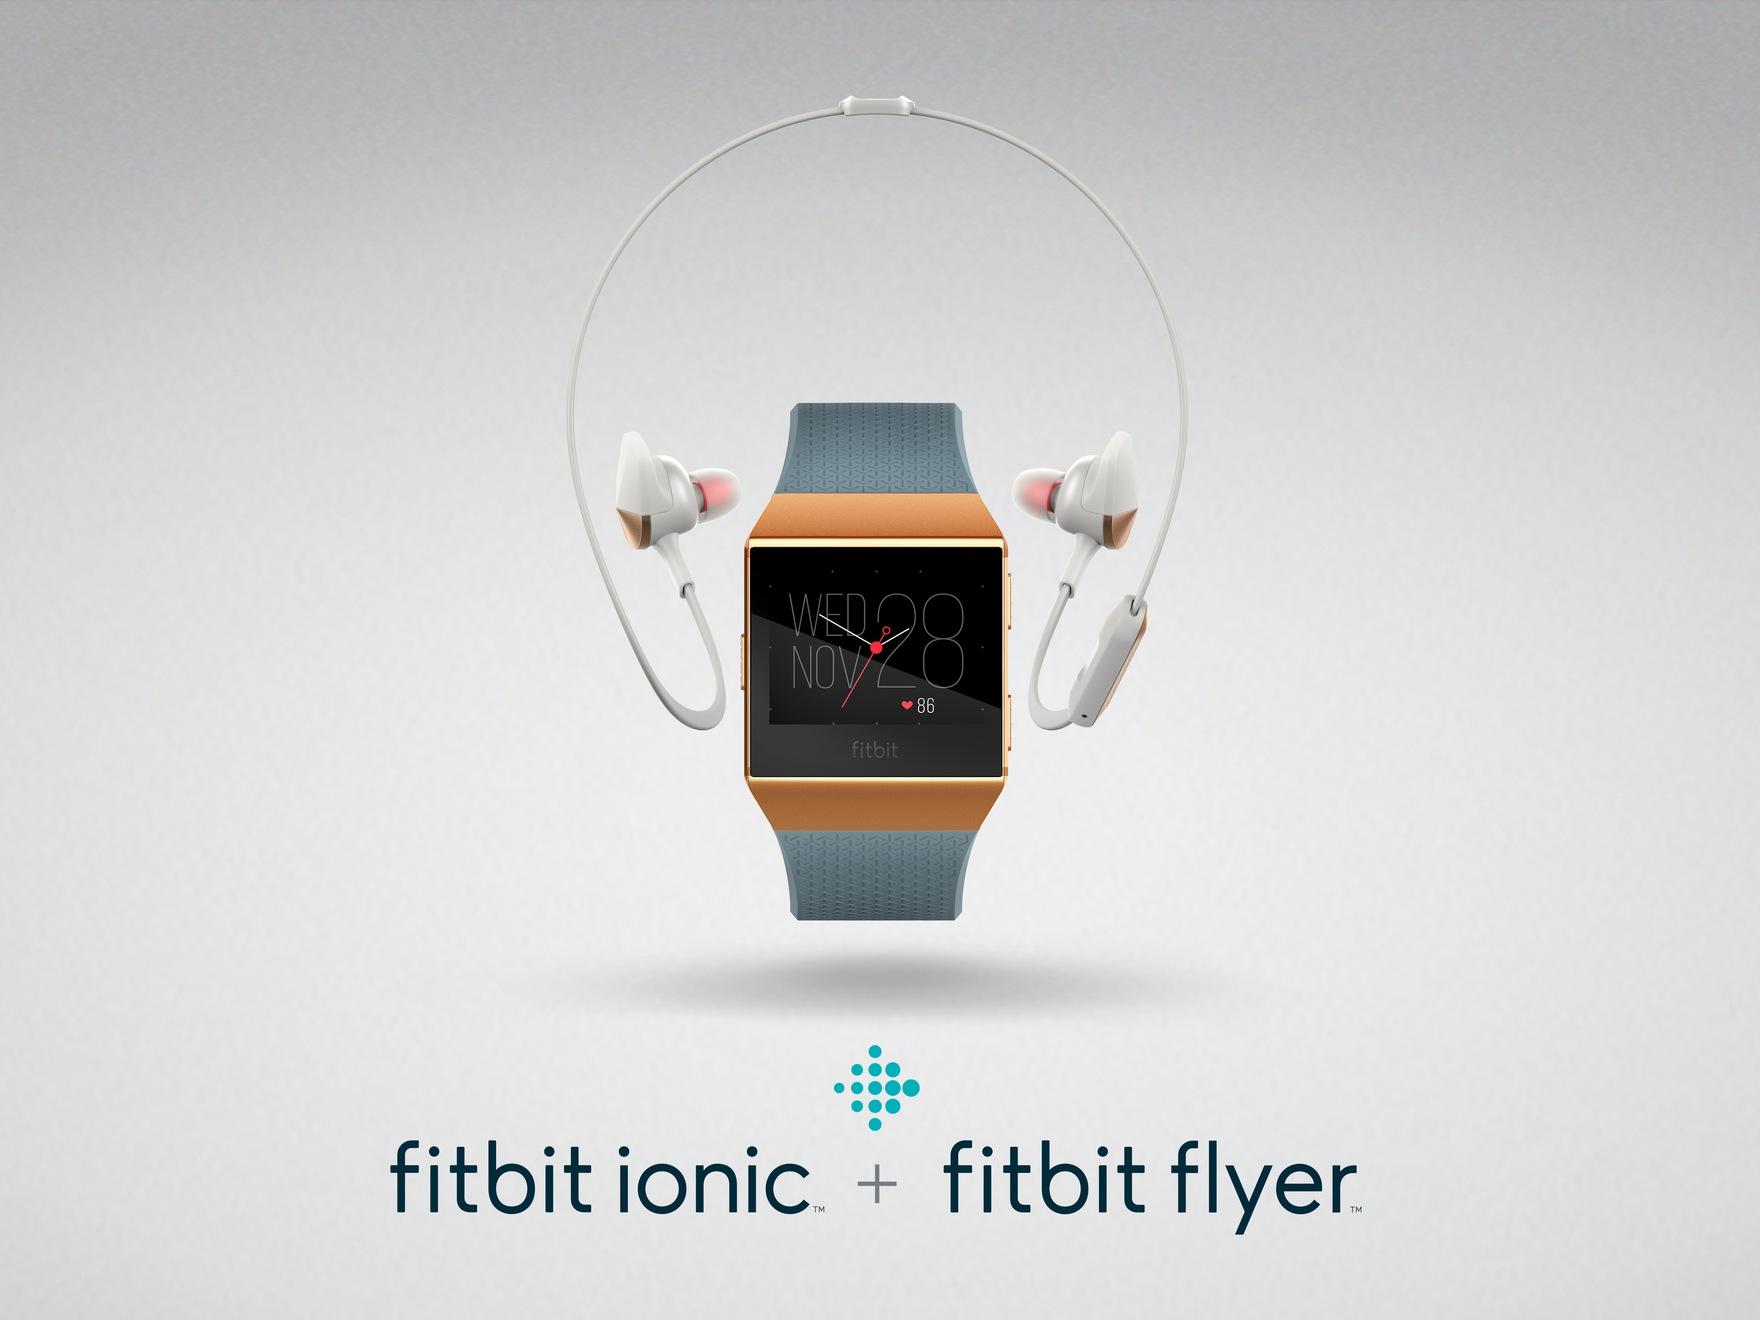 fitbit ionic fitness smartwatch BIG - Fitbit Ionic 时尚运动生活